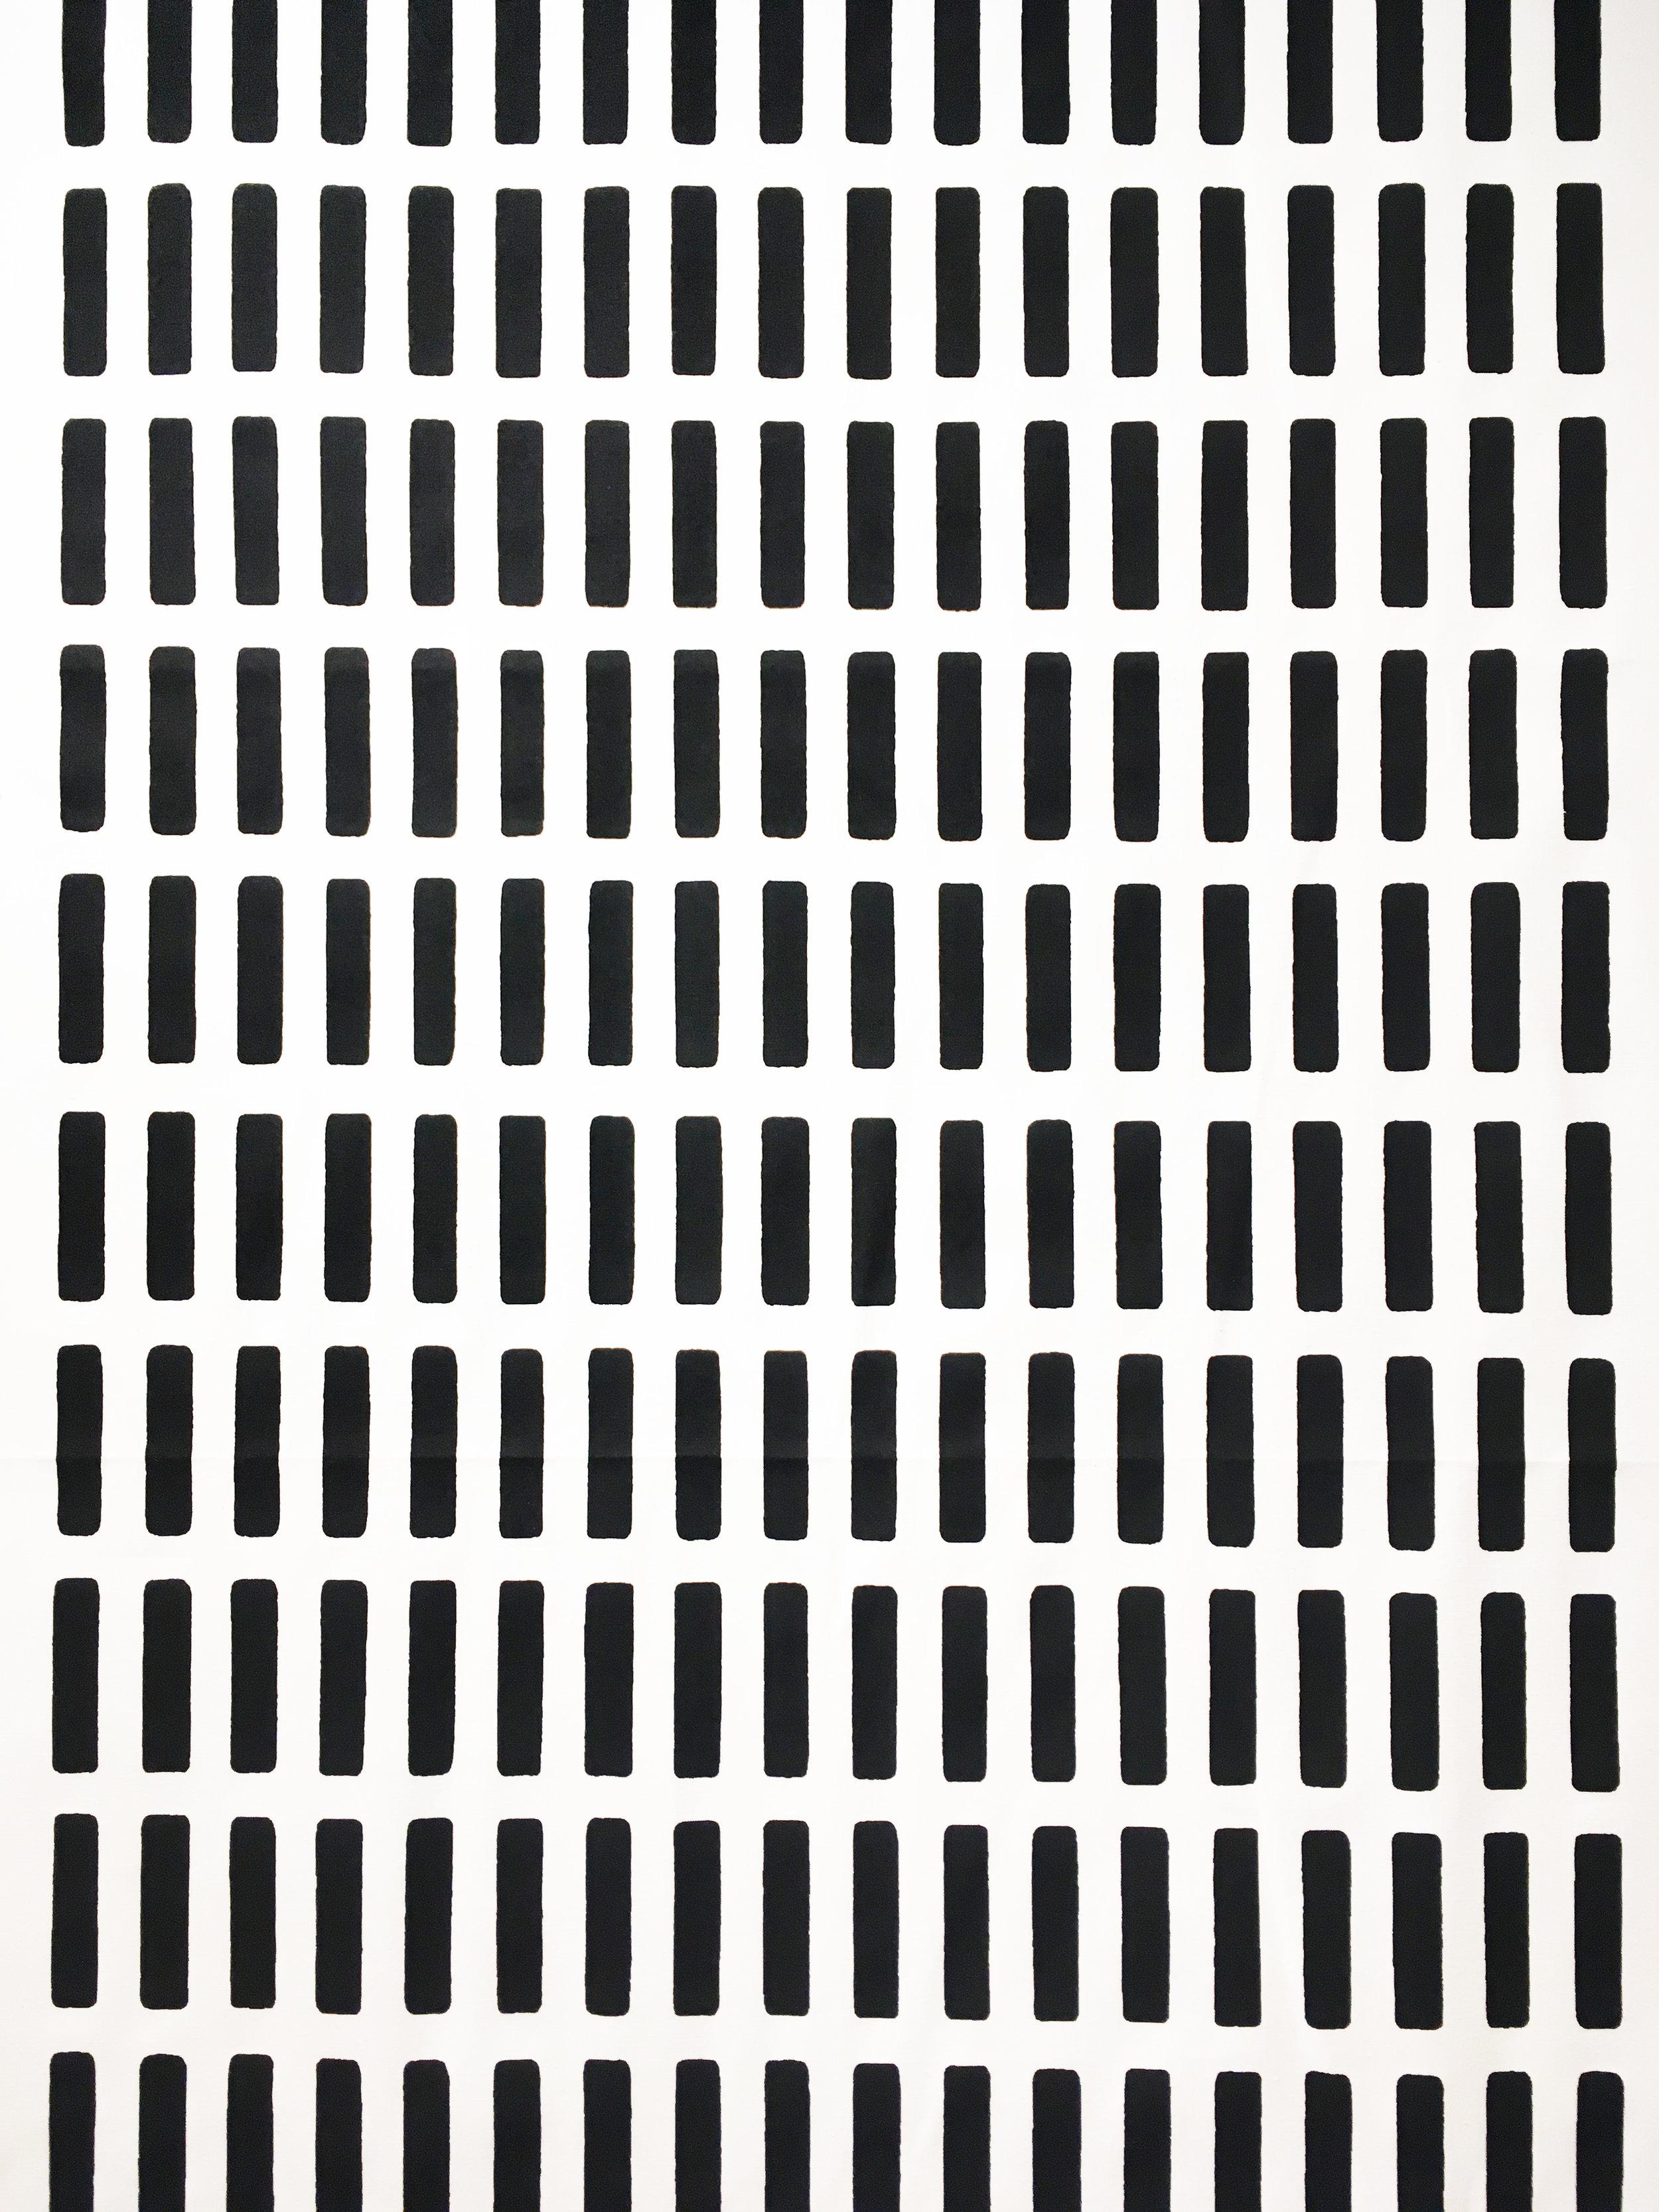 Aalto by Artek fabric 2.jpg